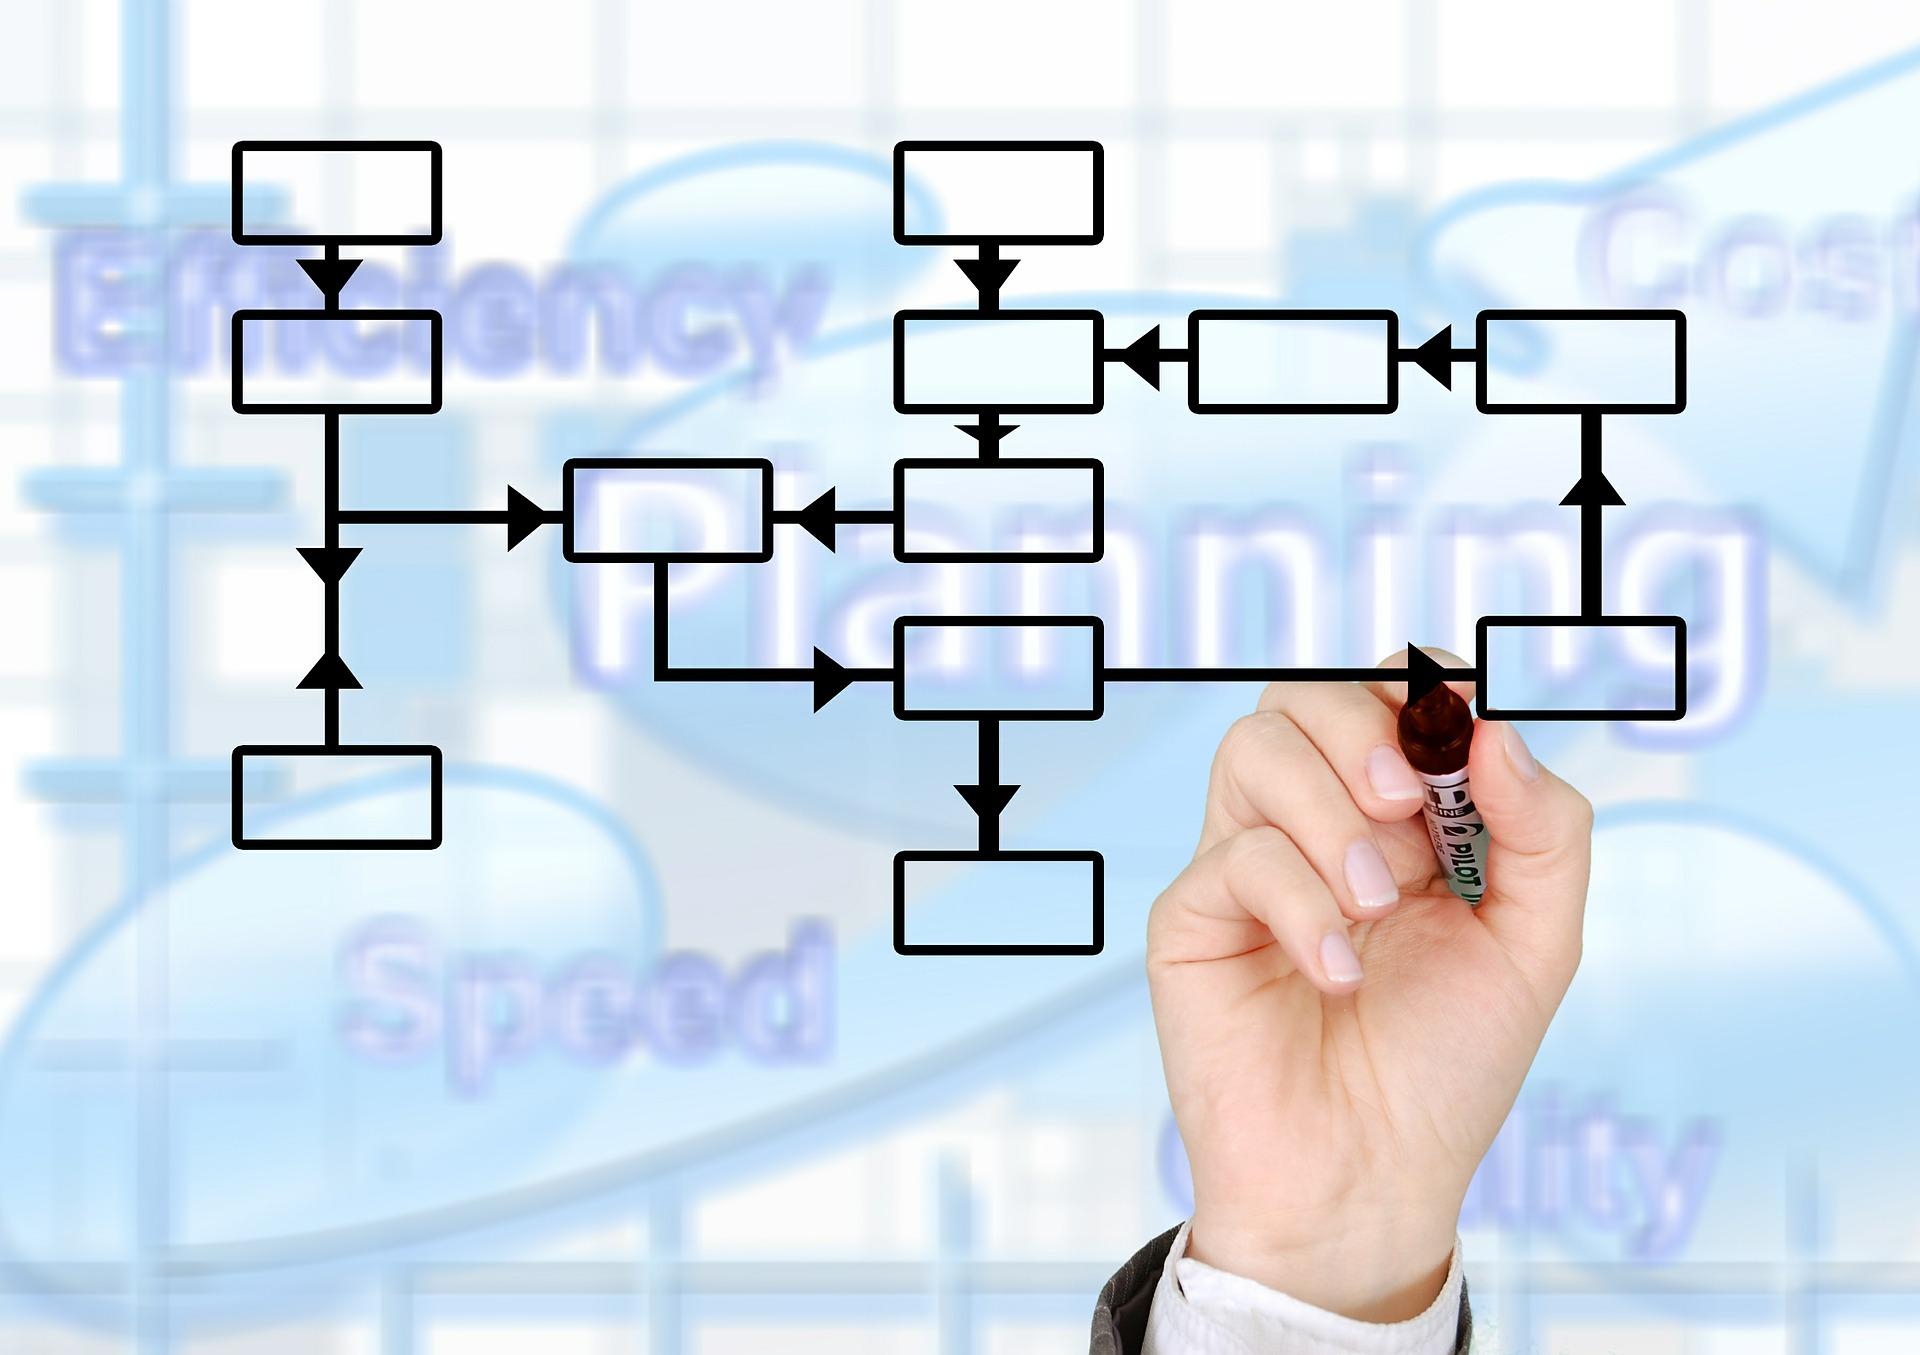 Проблемы классификации инфокоммуникационных услуг